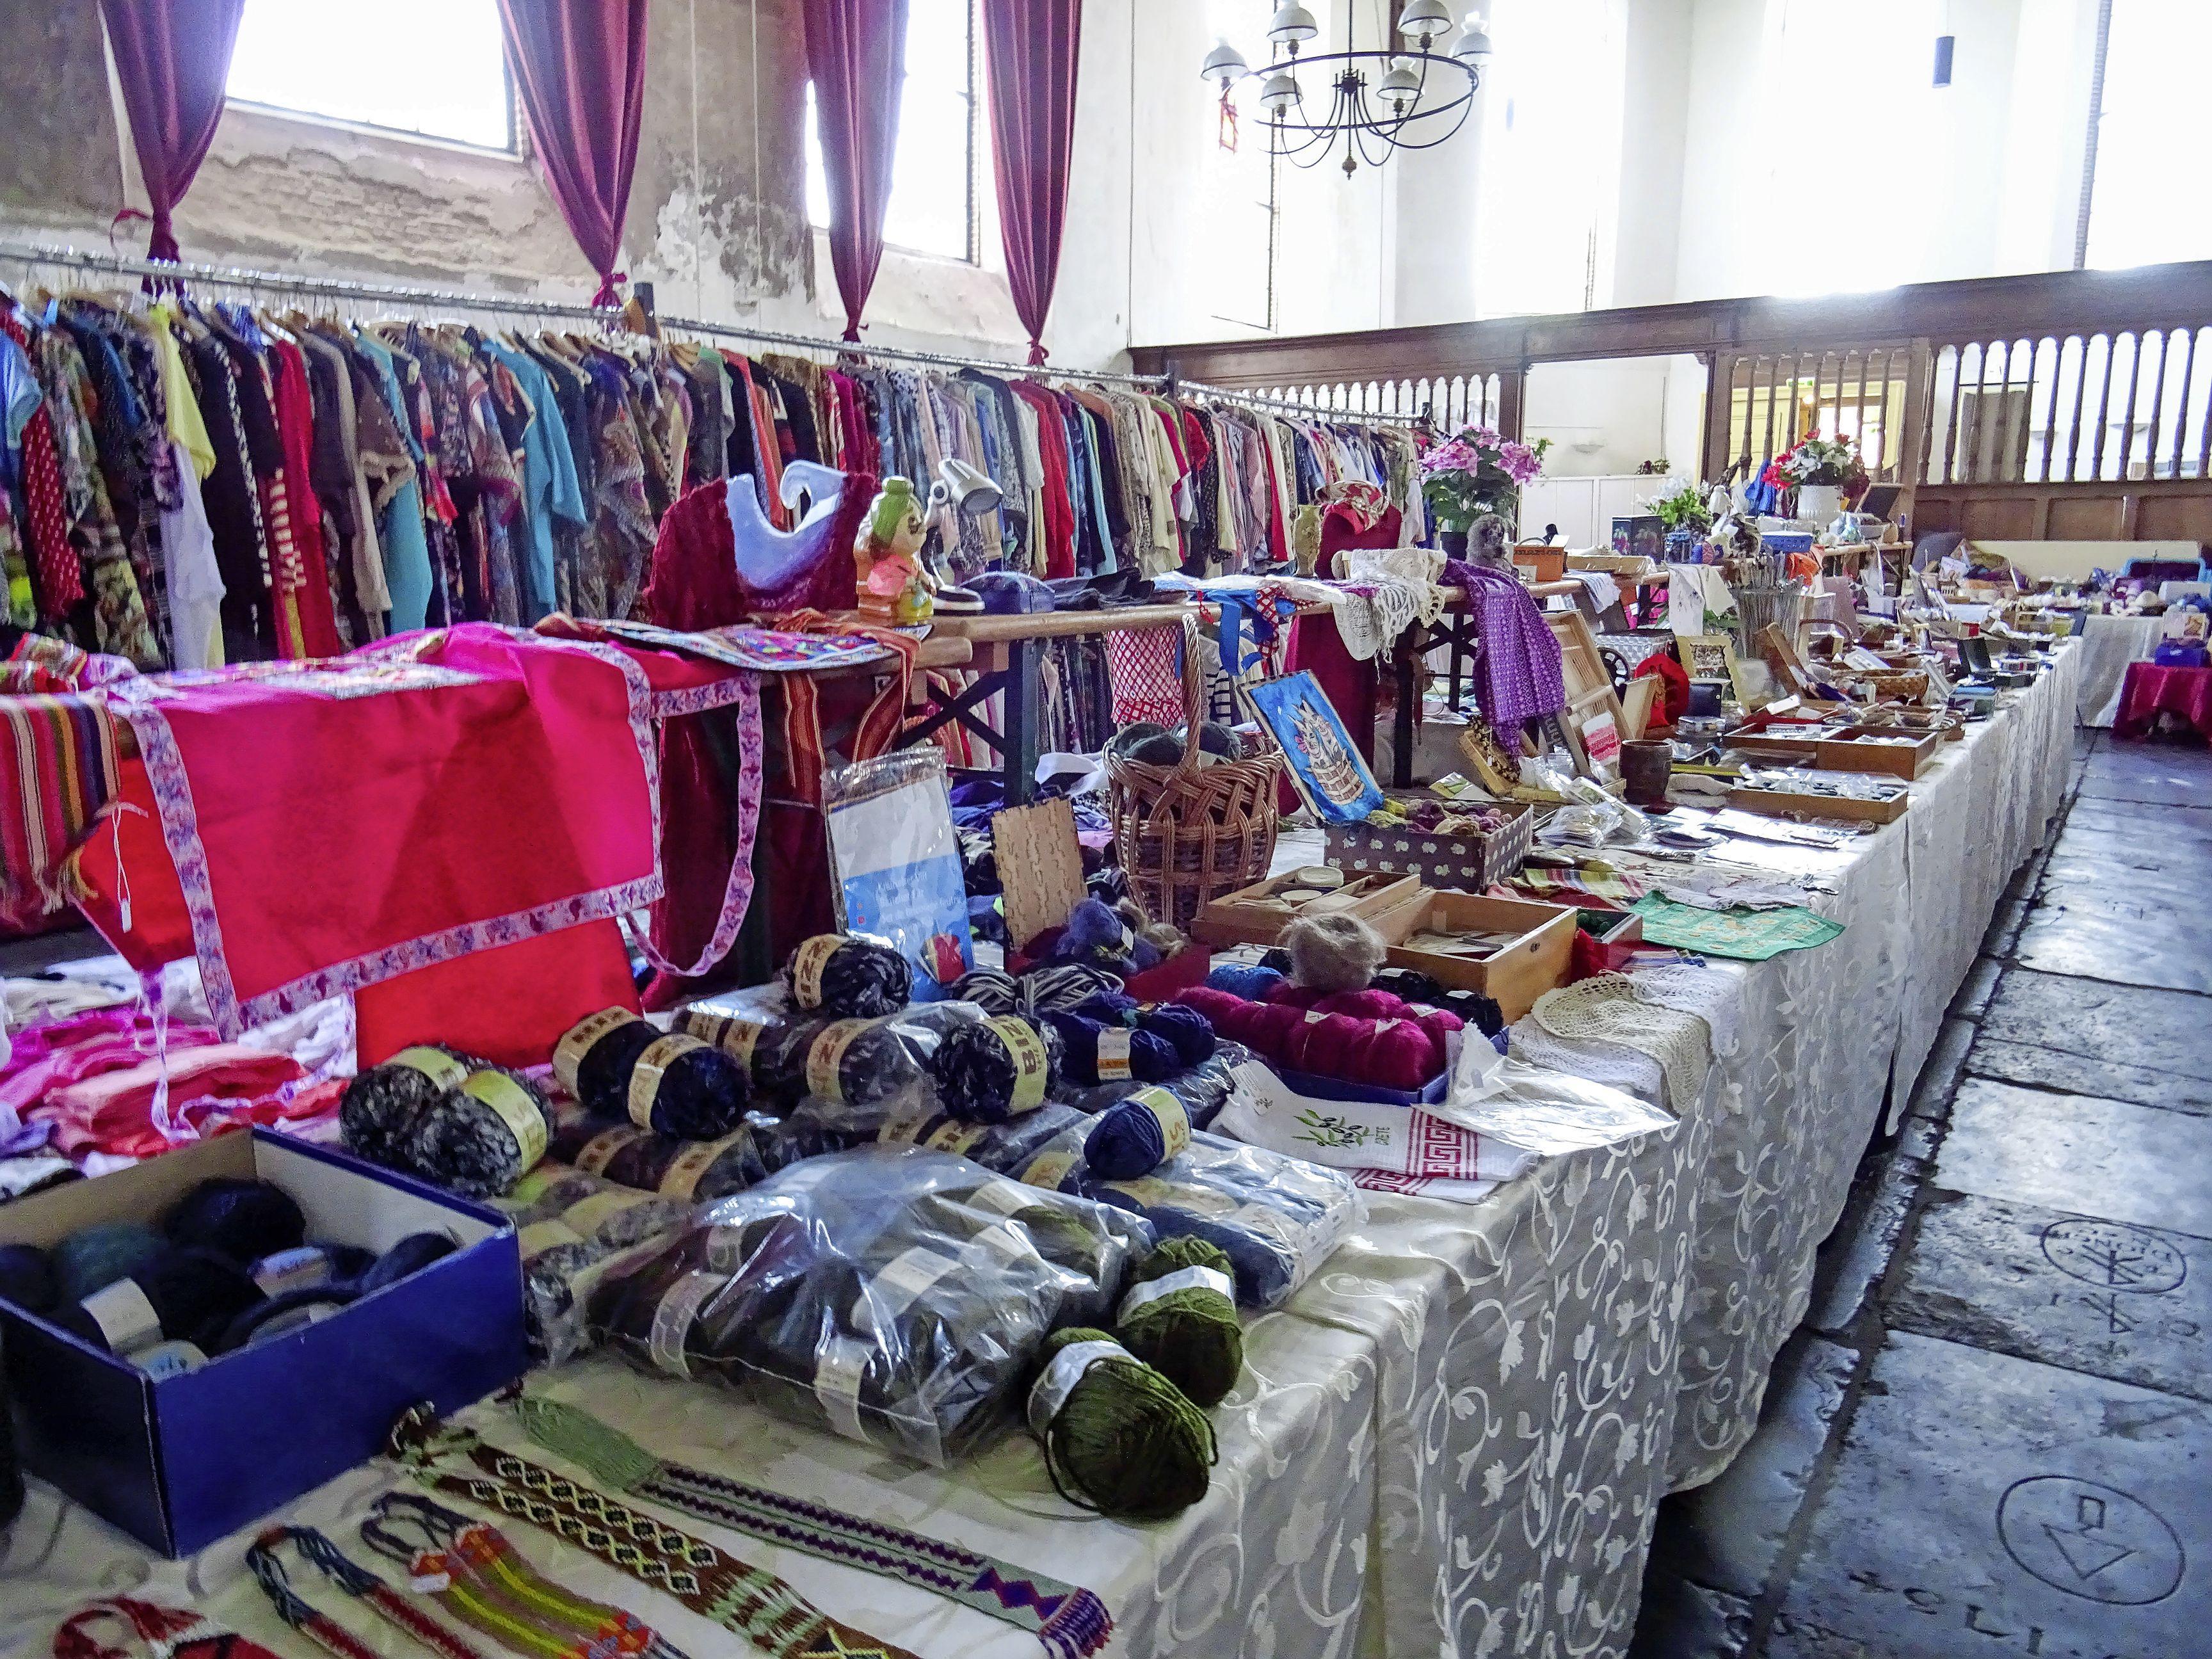 Voor het eerst na ruim een jaar wordt er weer een markt gehouden in de Bonifaciuskerk in Medemblik